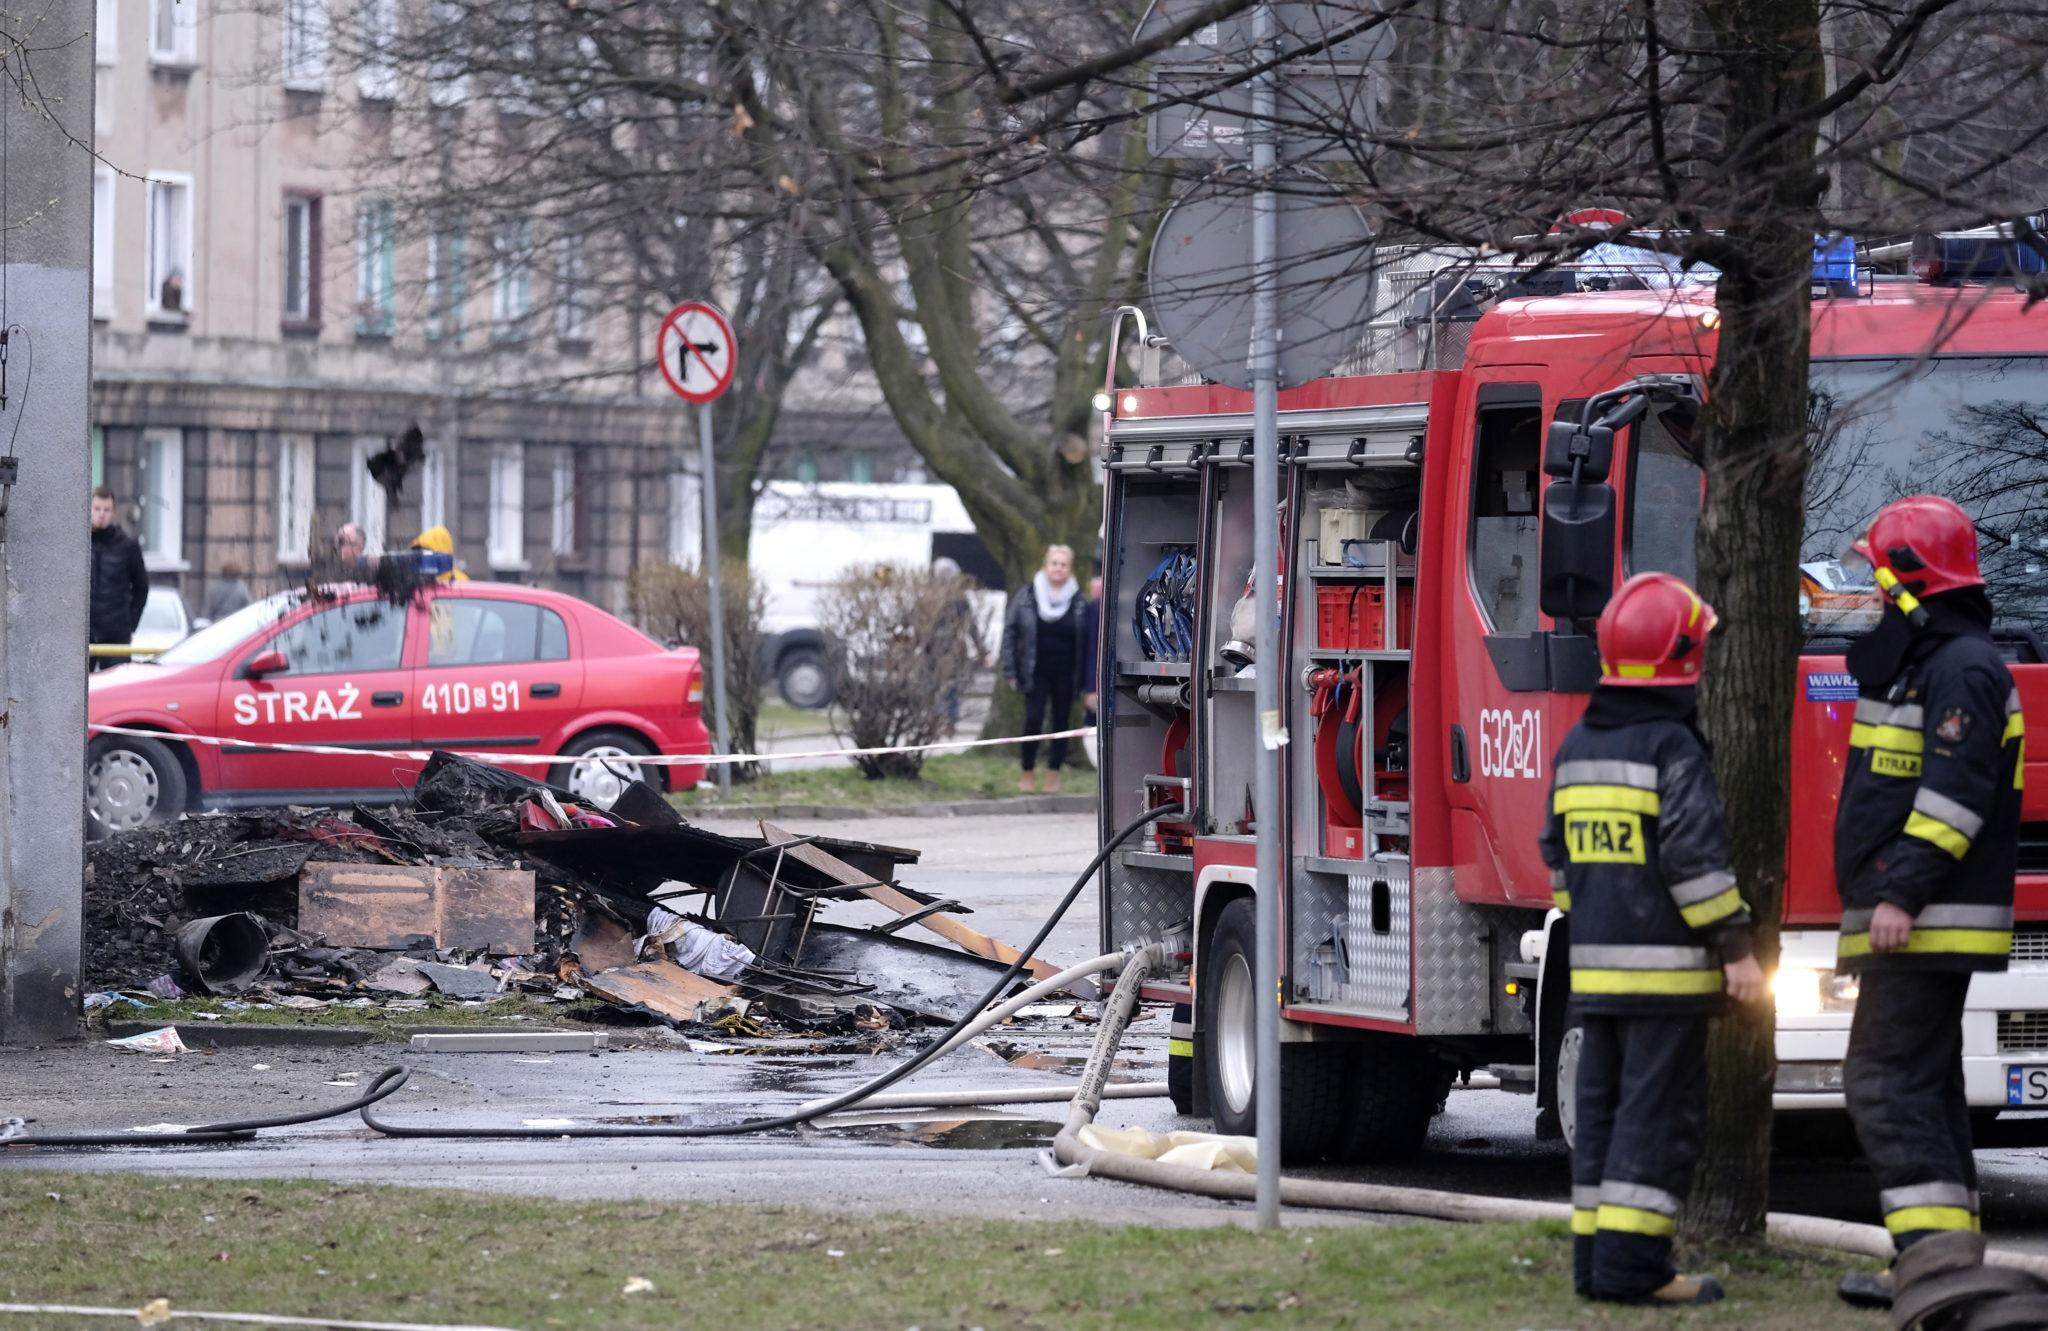 Polska: wybuch gazu w bytomskiej kamienicy na śląsku. W wyniku eksplozji zginęły 2 osoby (foto. PAP/Andrzej Grygiel)